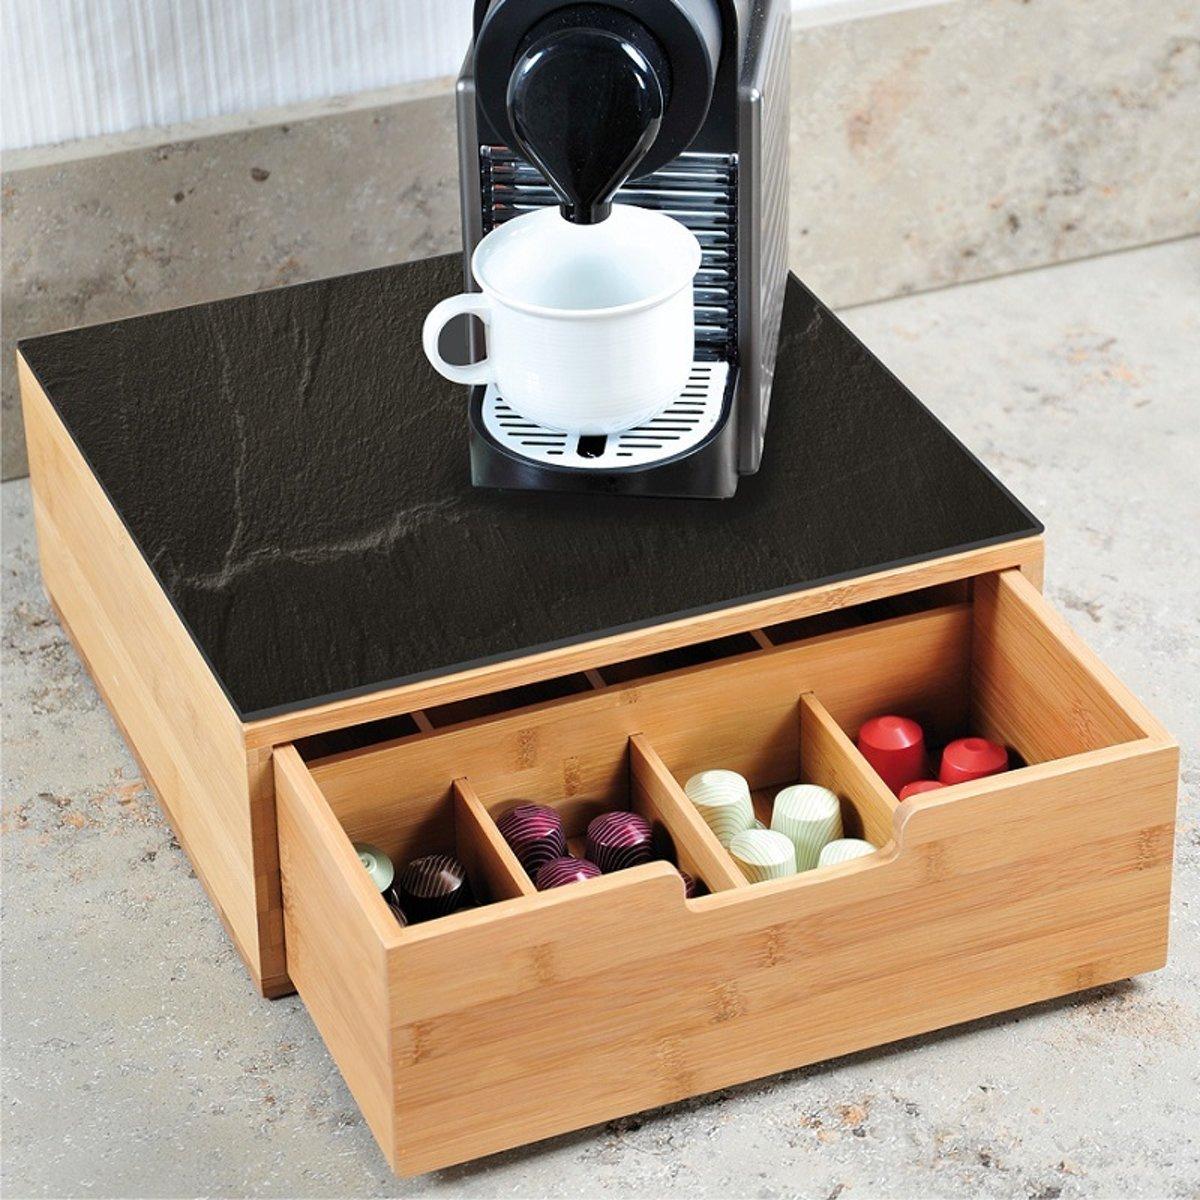 Koffiemachine standaard & koffie capsule houder in 1 - Bamboe - 8 vaks - 30 x 31 cm kopen